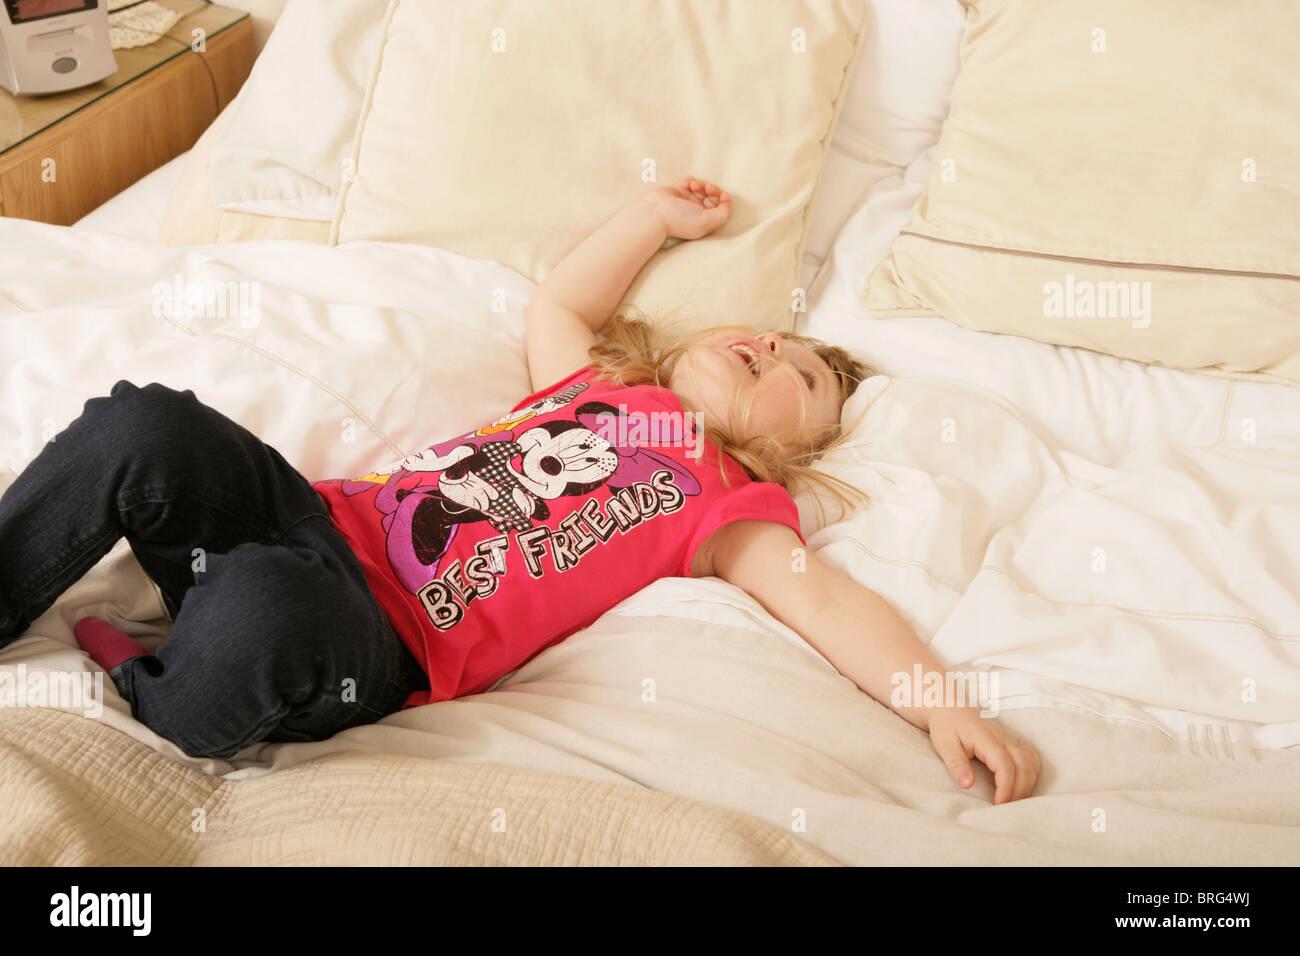 Una bambina di tre anni sdraiata sulla schiena in un letto grande. Immagini Stock